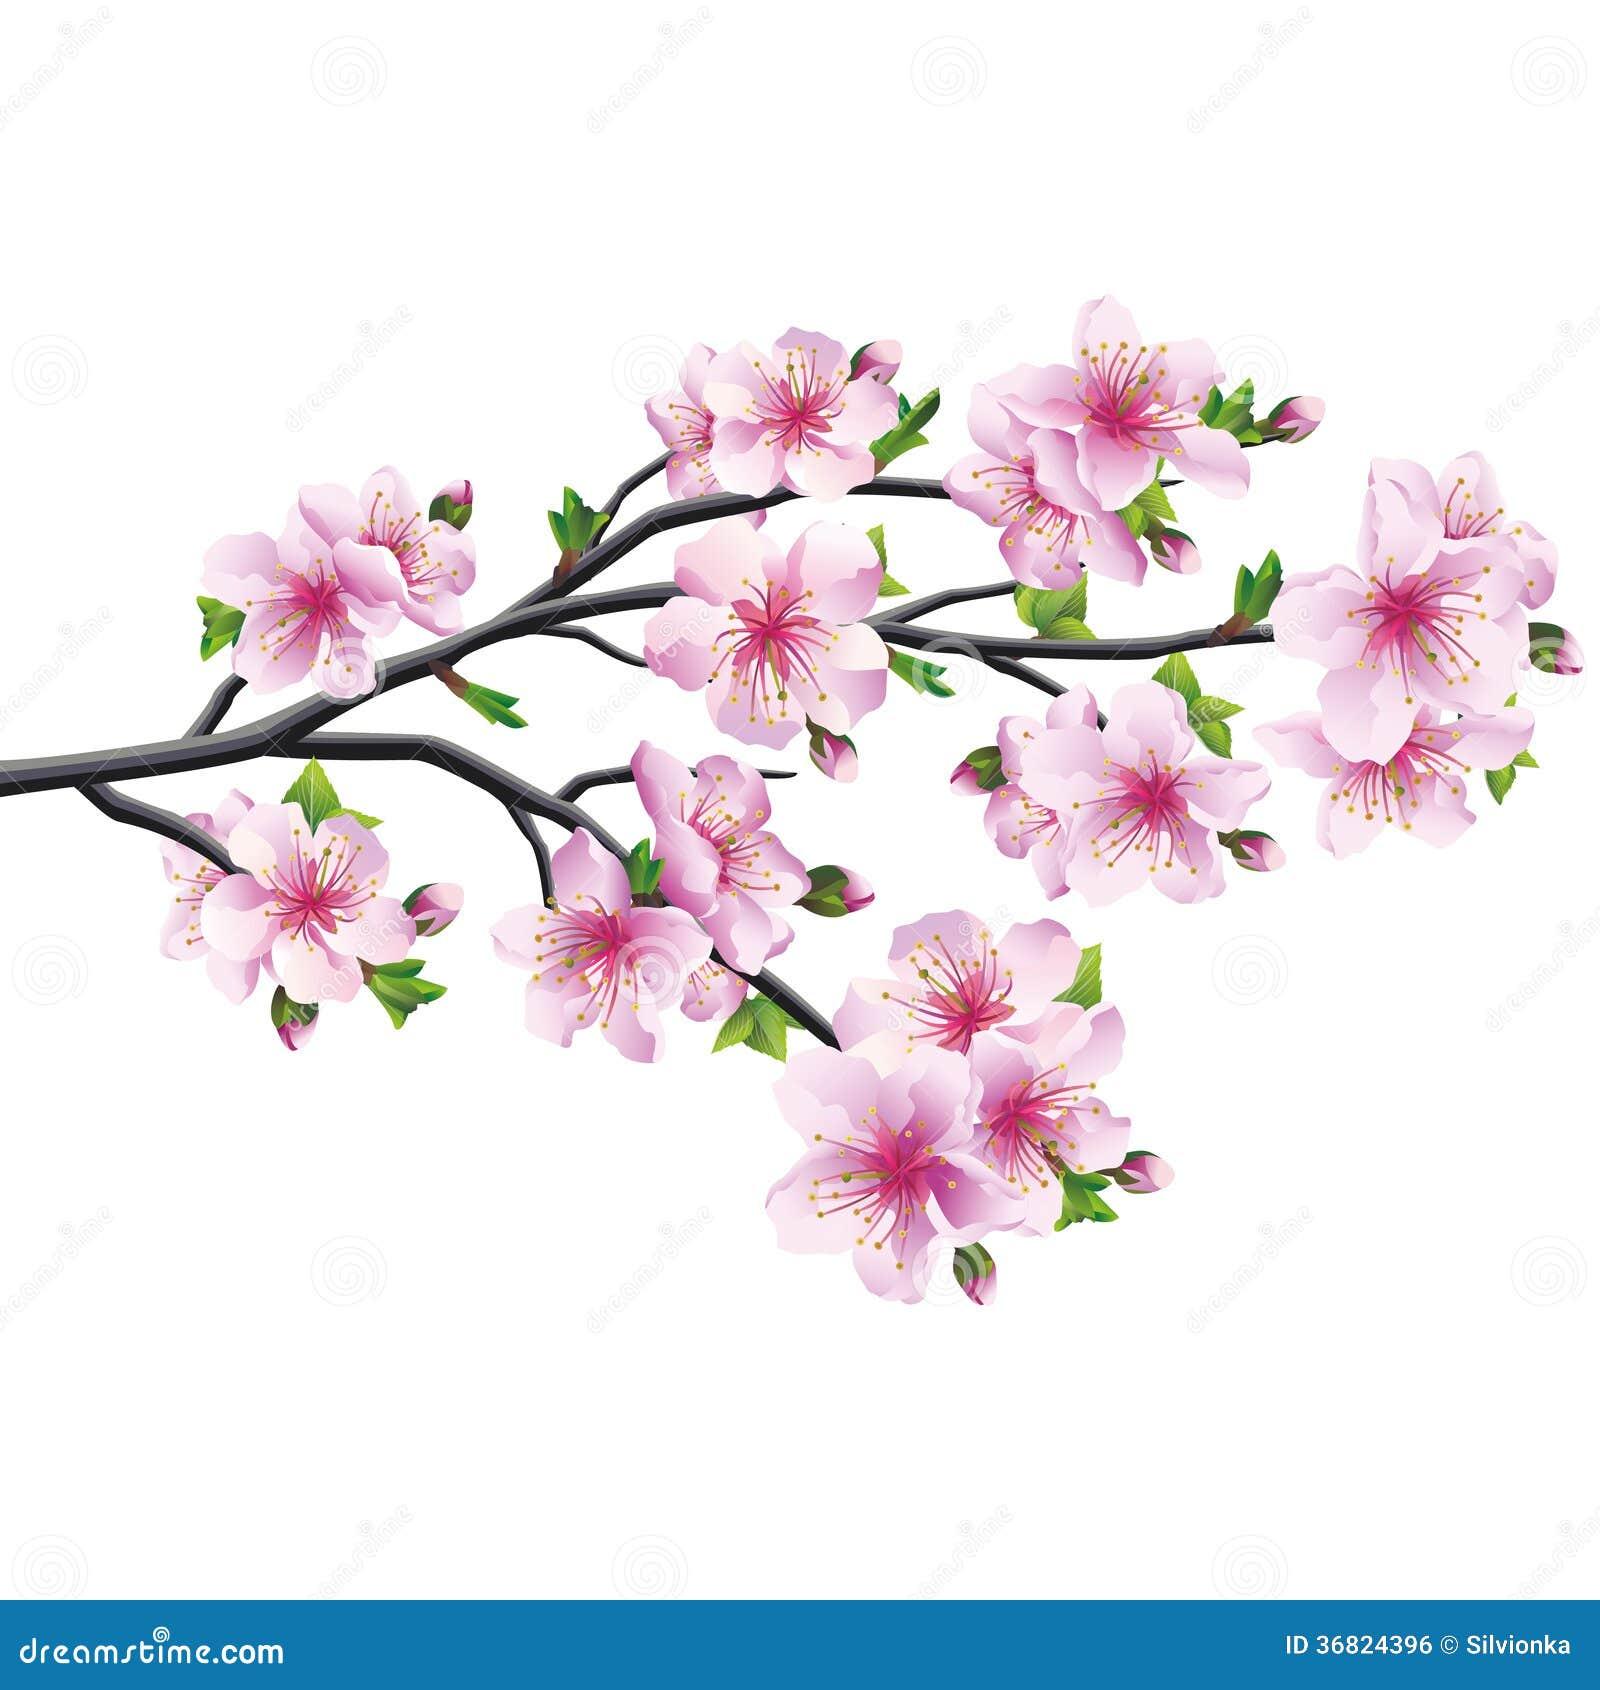 Flor de cerejeira, árvore japonesa sakura